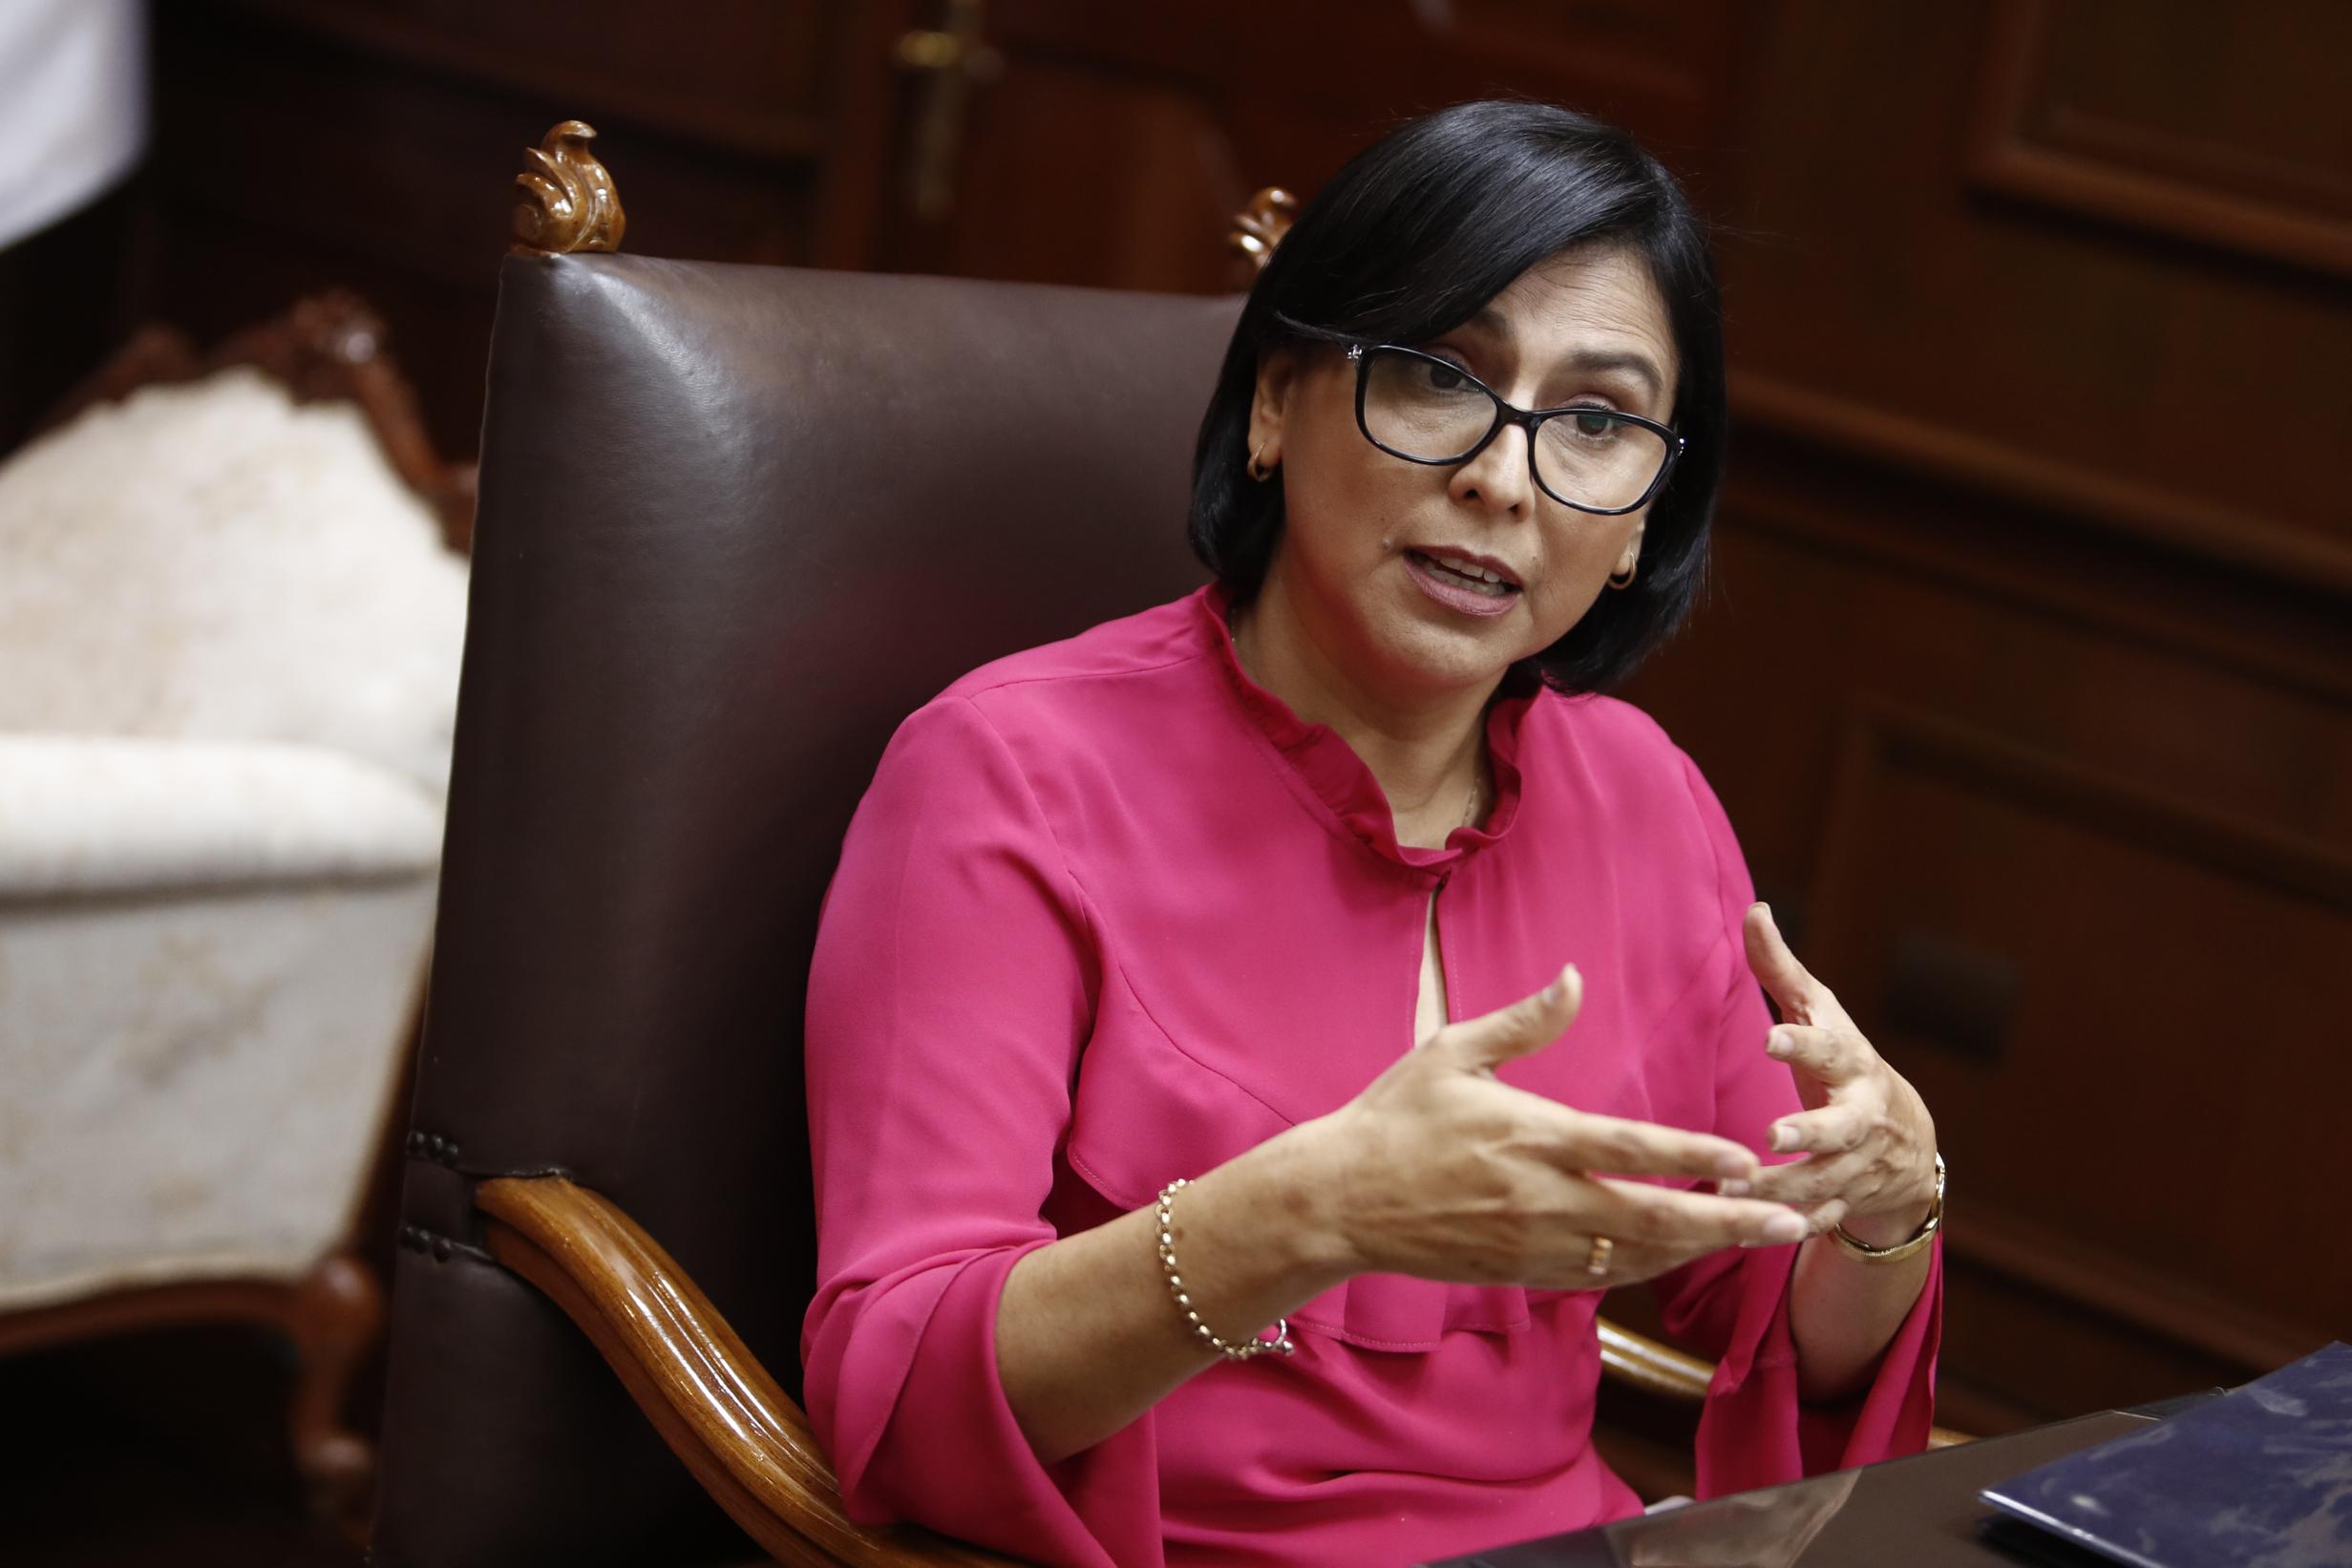 Ministra de Trabajo: En 180 días se conocerán propuestas para reformar el sistema de pensiones